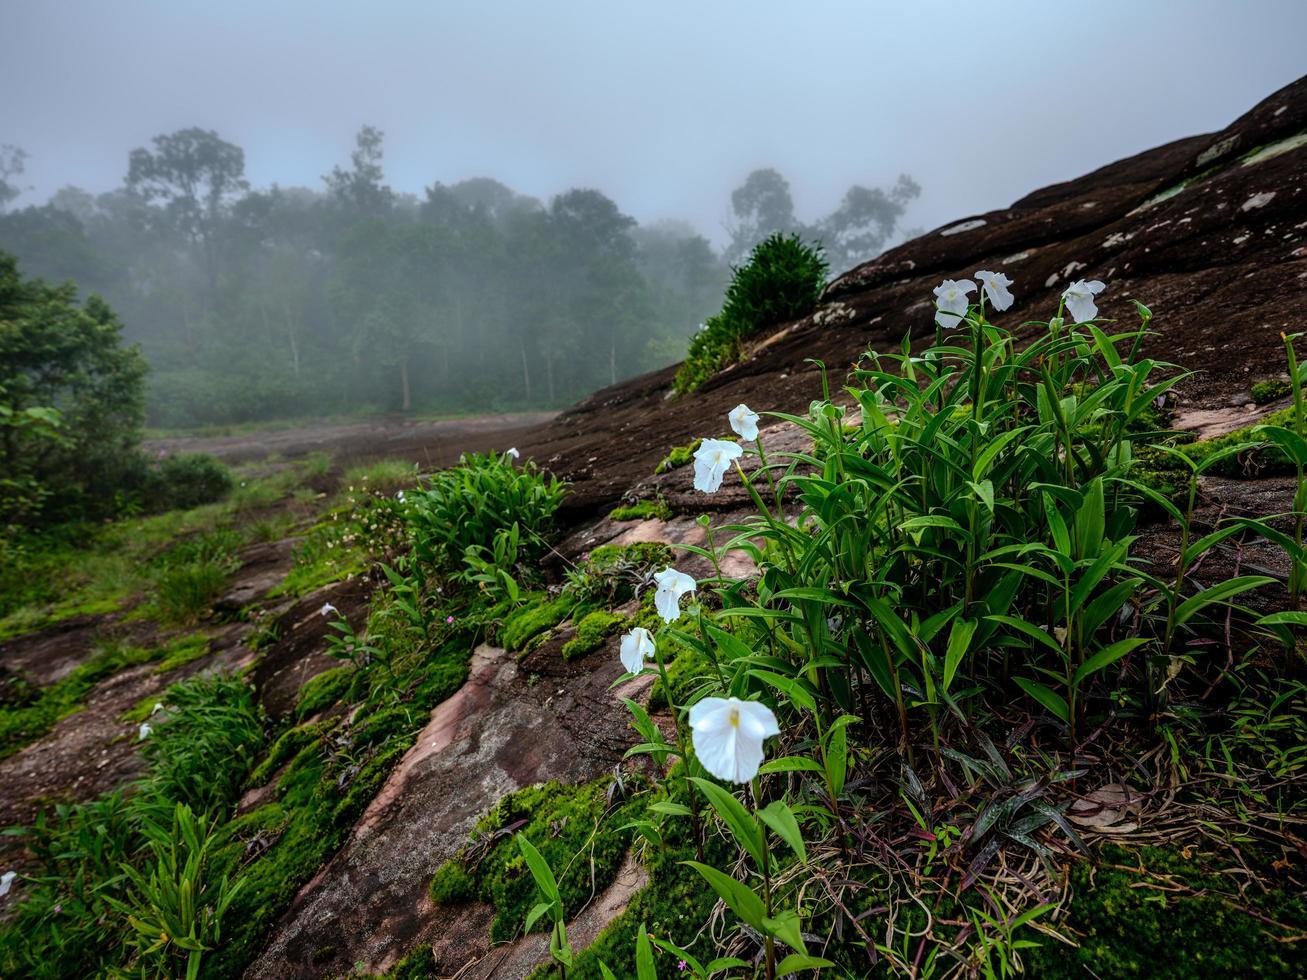 fleur sur rocher en forêt photo